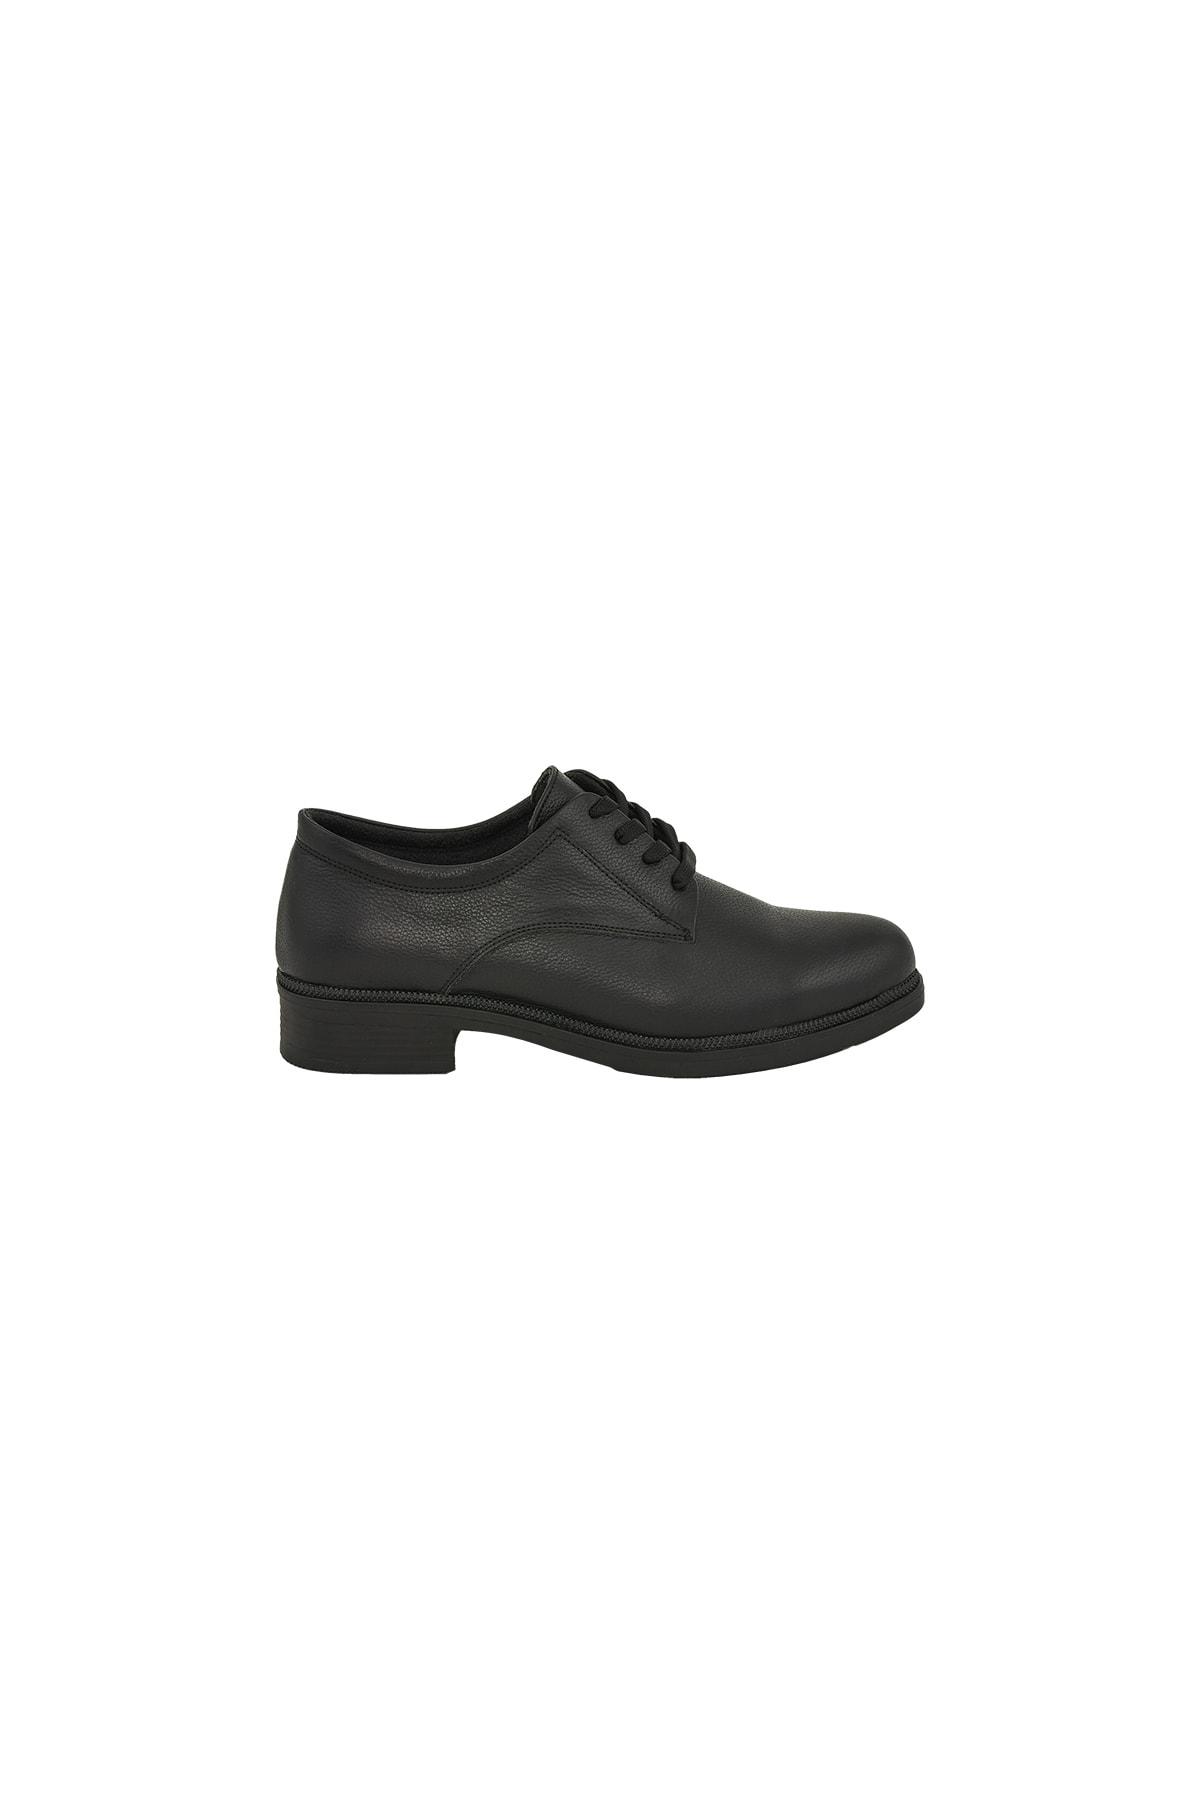 Moosefield Kadın Siyah Hakiki Deri Ayakkabı 2